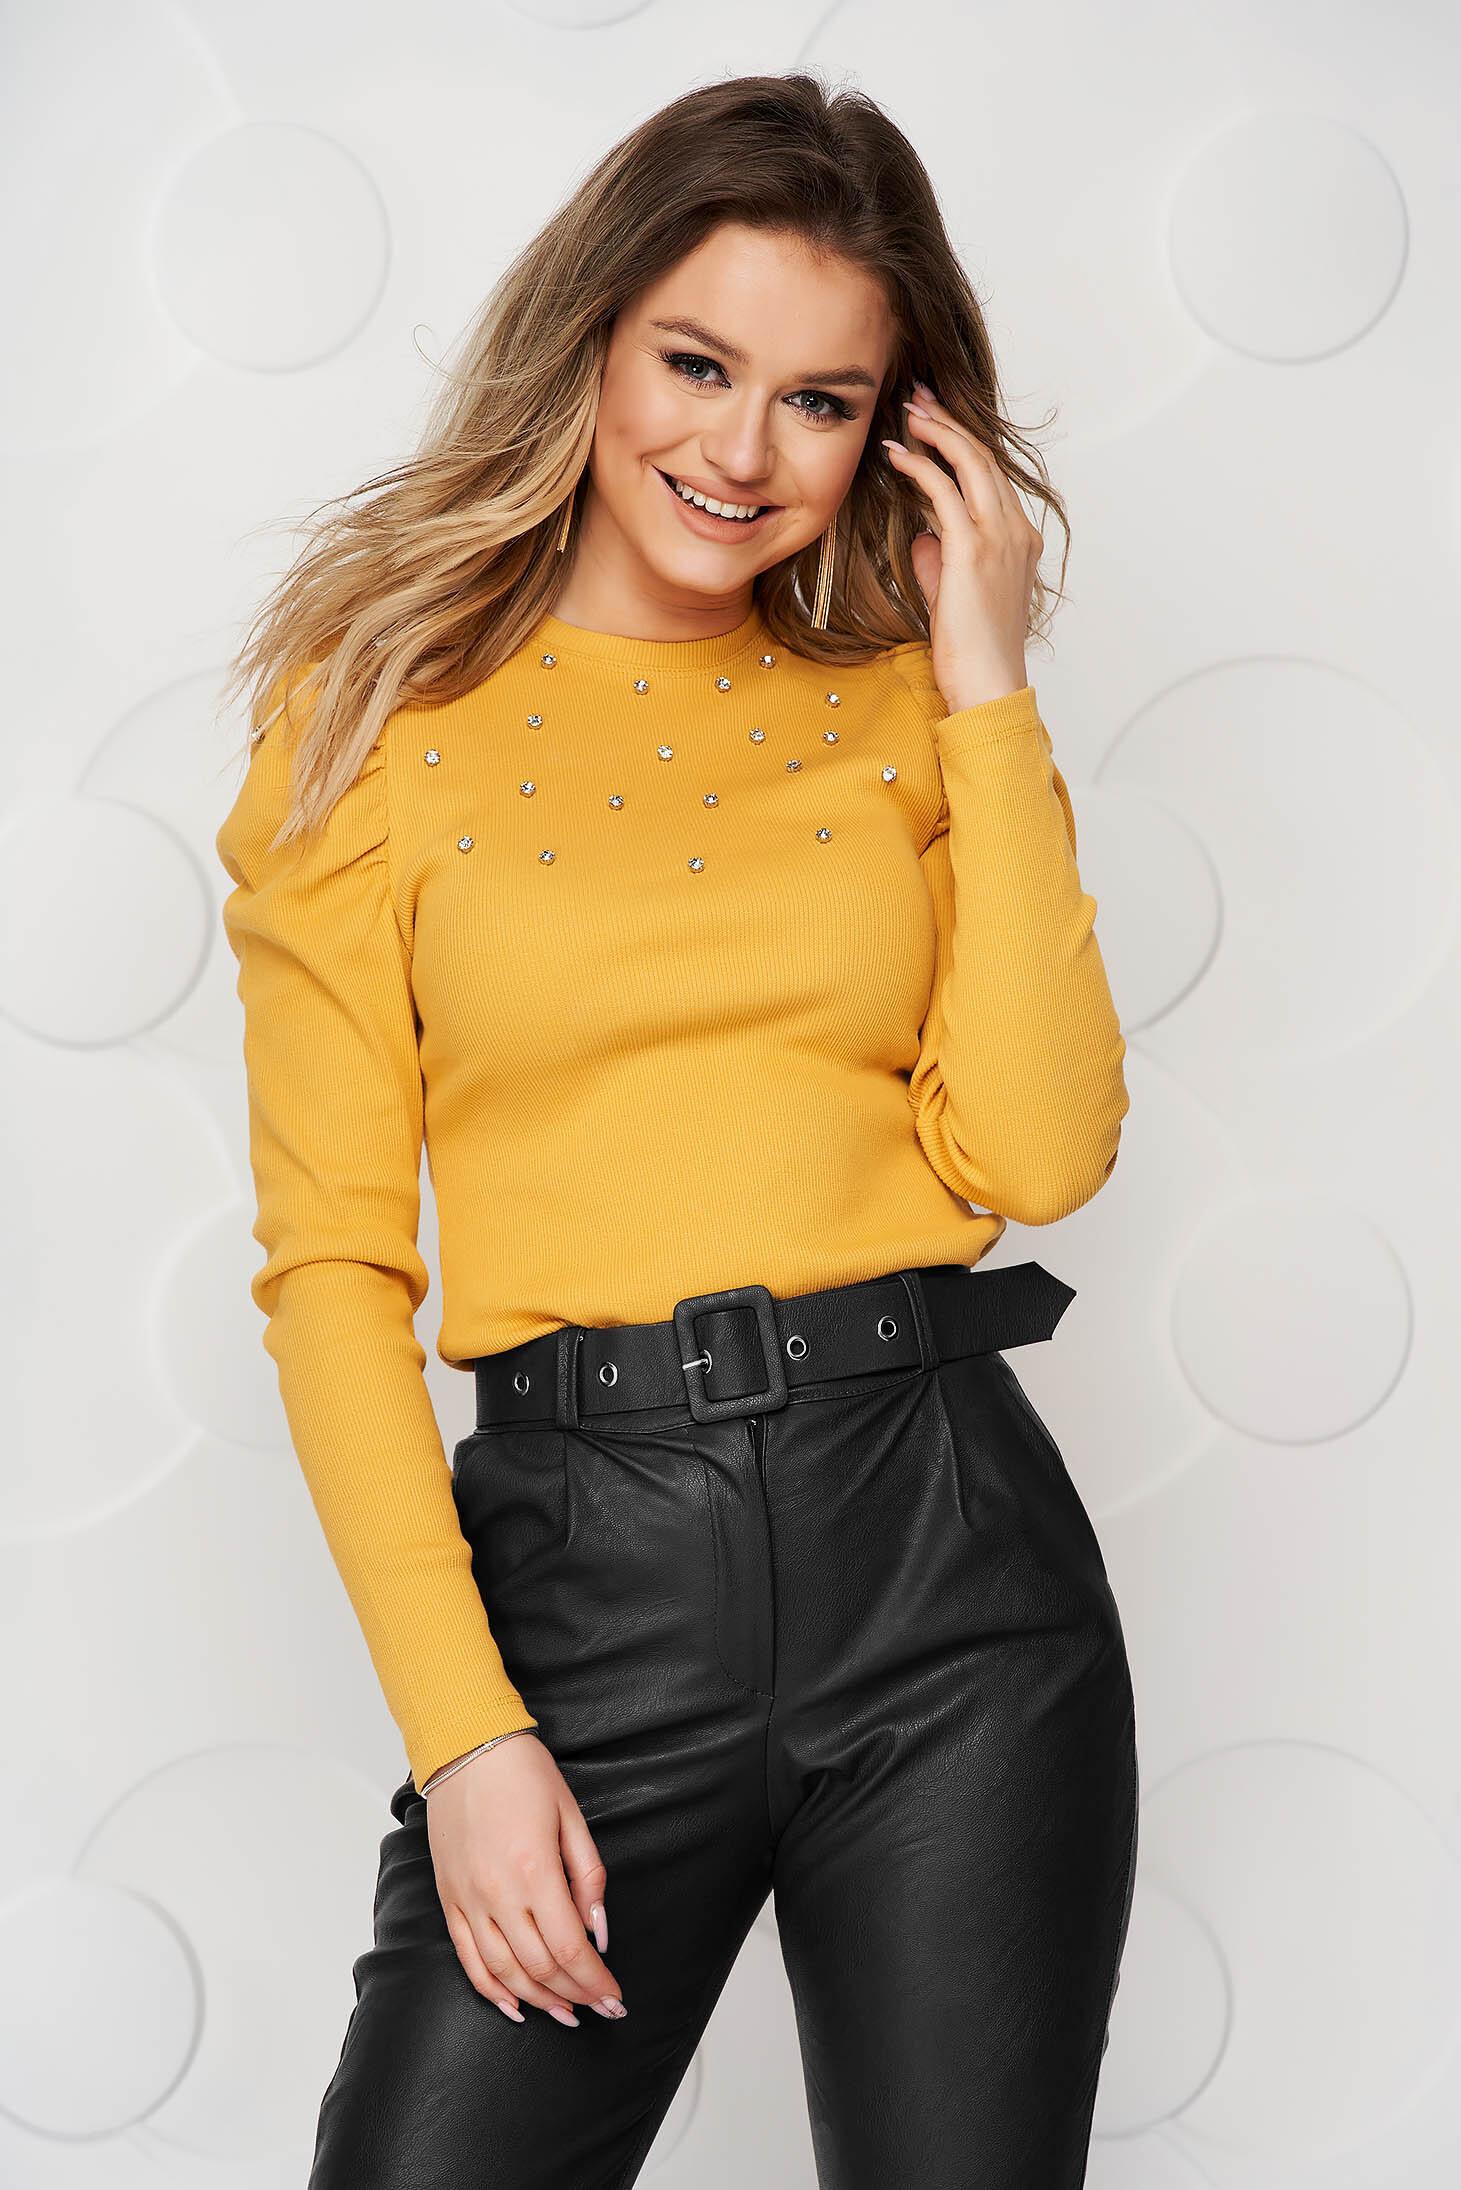 Bluza dama SunShine mustarie mulata din material reiat cu aplicatii cu pietre strass si umeri cu volum